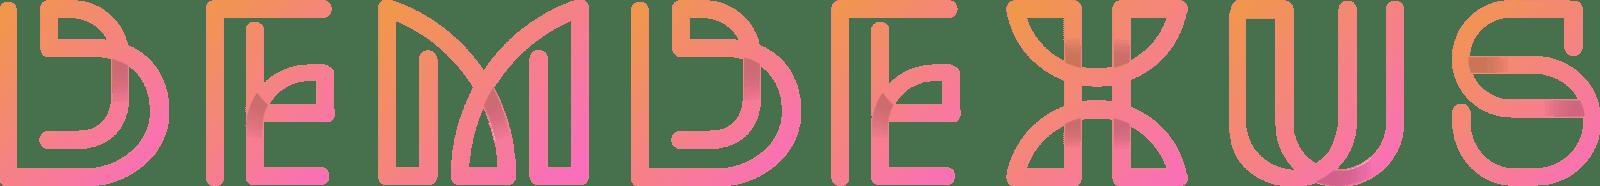 demdexus-logo